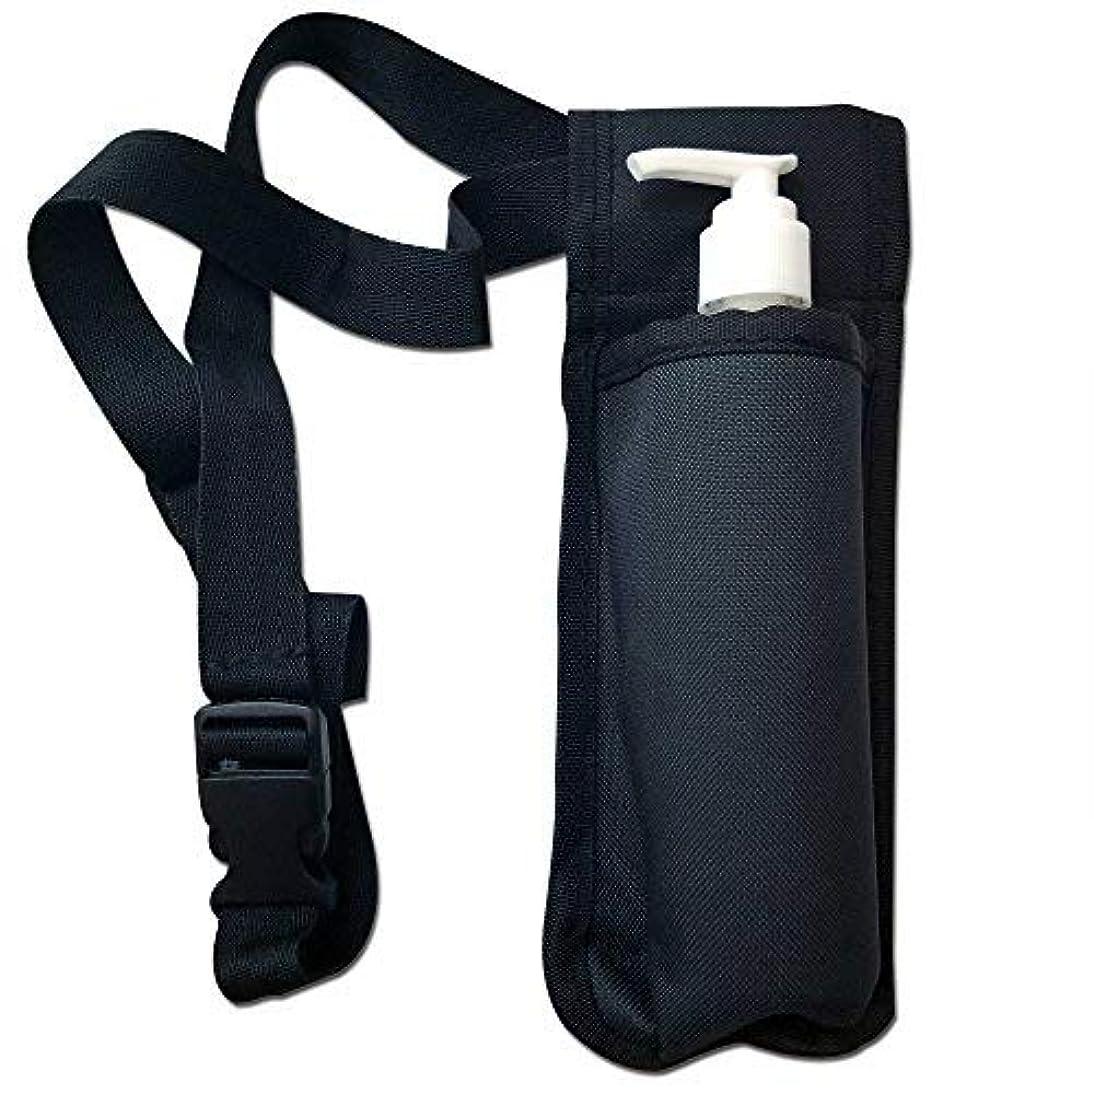 地上でオークション見てTOA Single Bottle Holster Adjustable Strap w/ 6oz Bottle for Massage Oil, Lotion, Cream [並行輸入品]